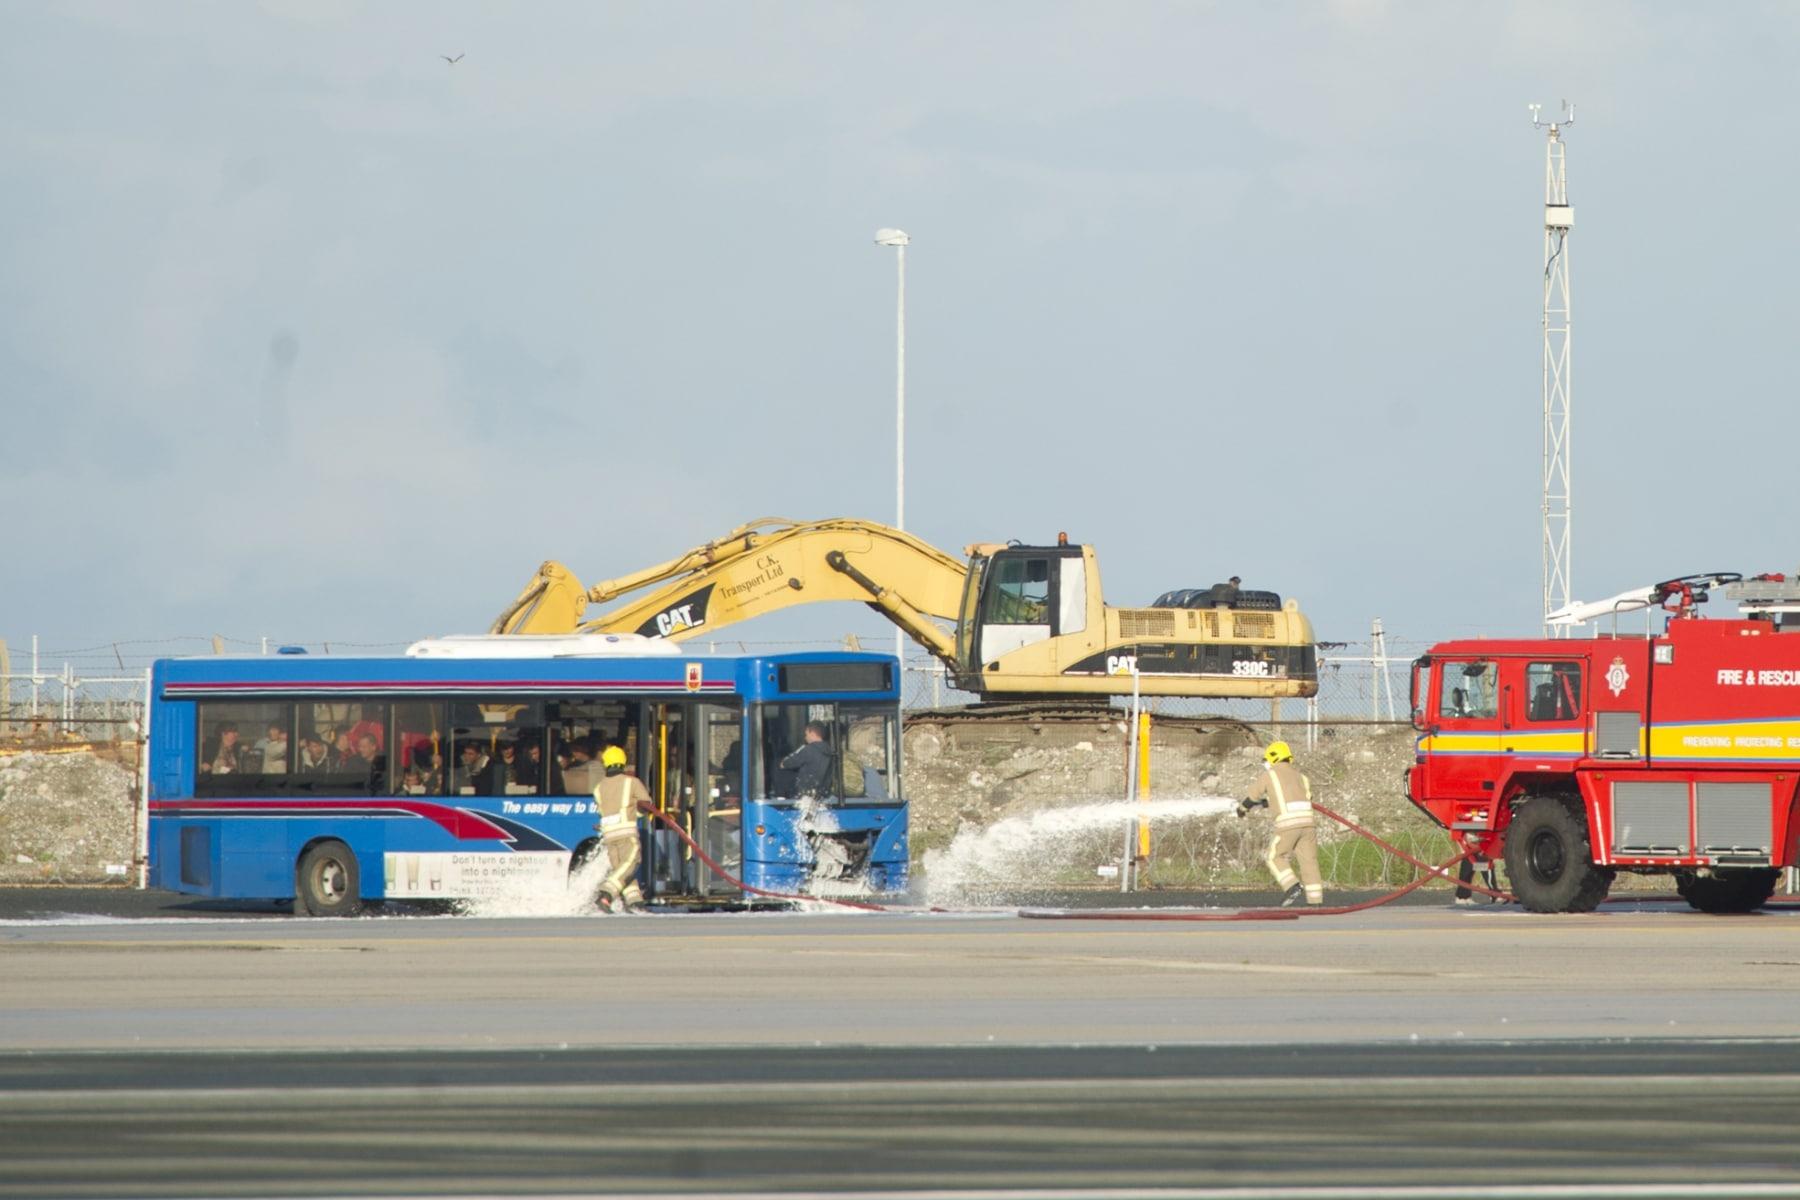 simulacro-accidente-aereo-en-gibraltar-03122014-13_15757892179_o